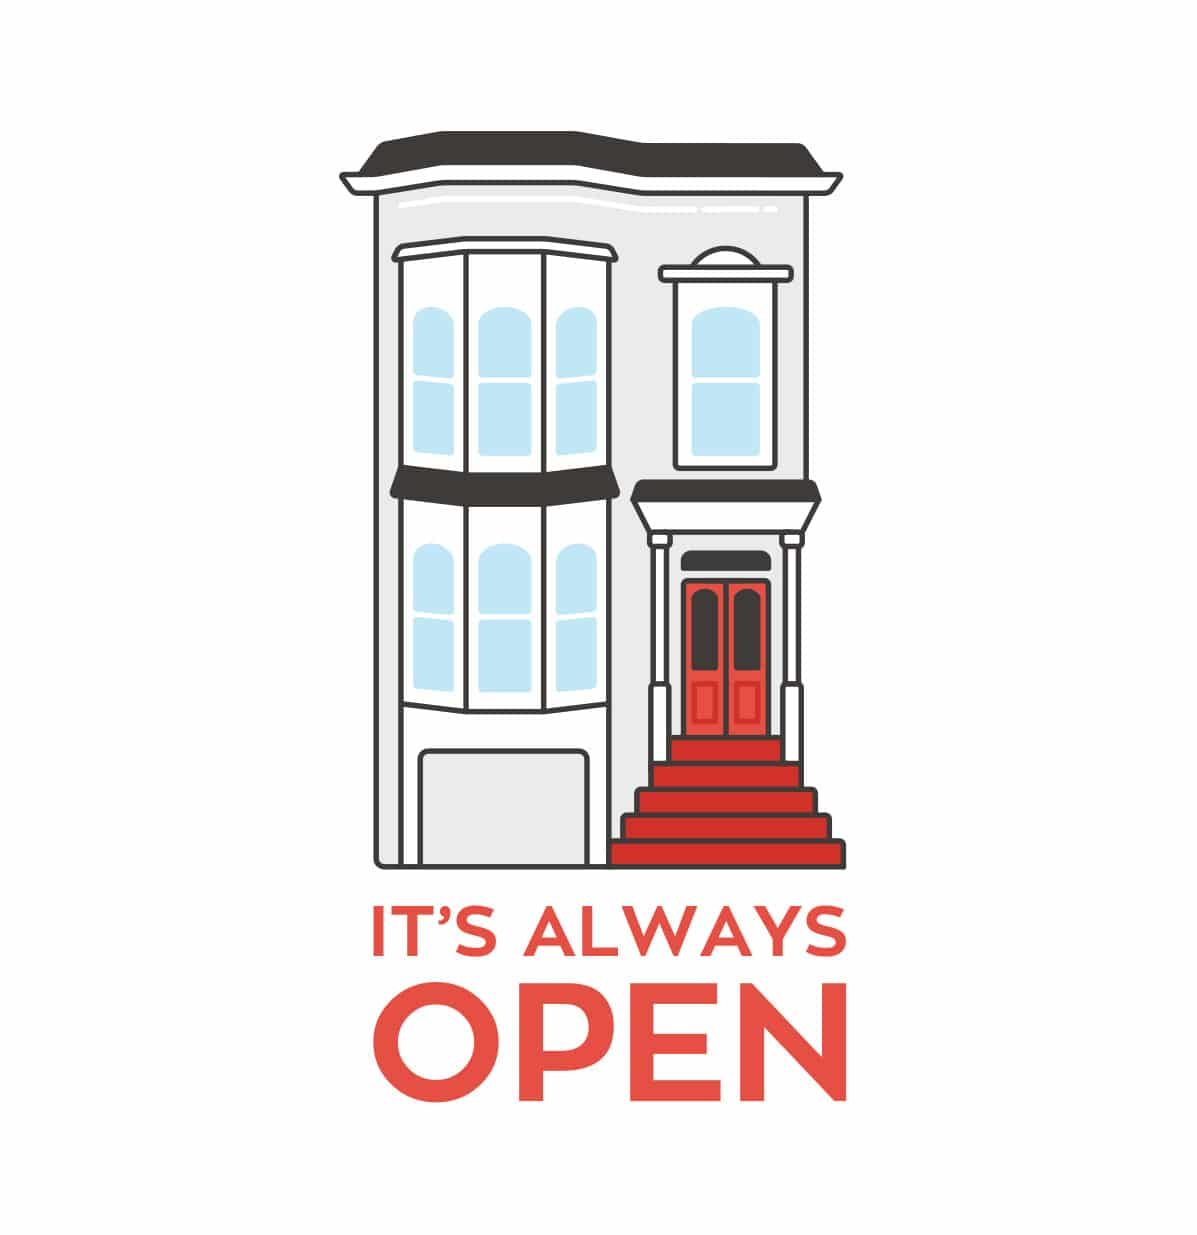 It's always open Fuller House illustration